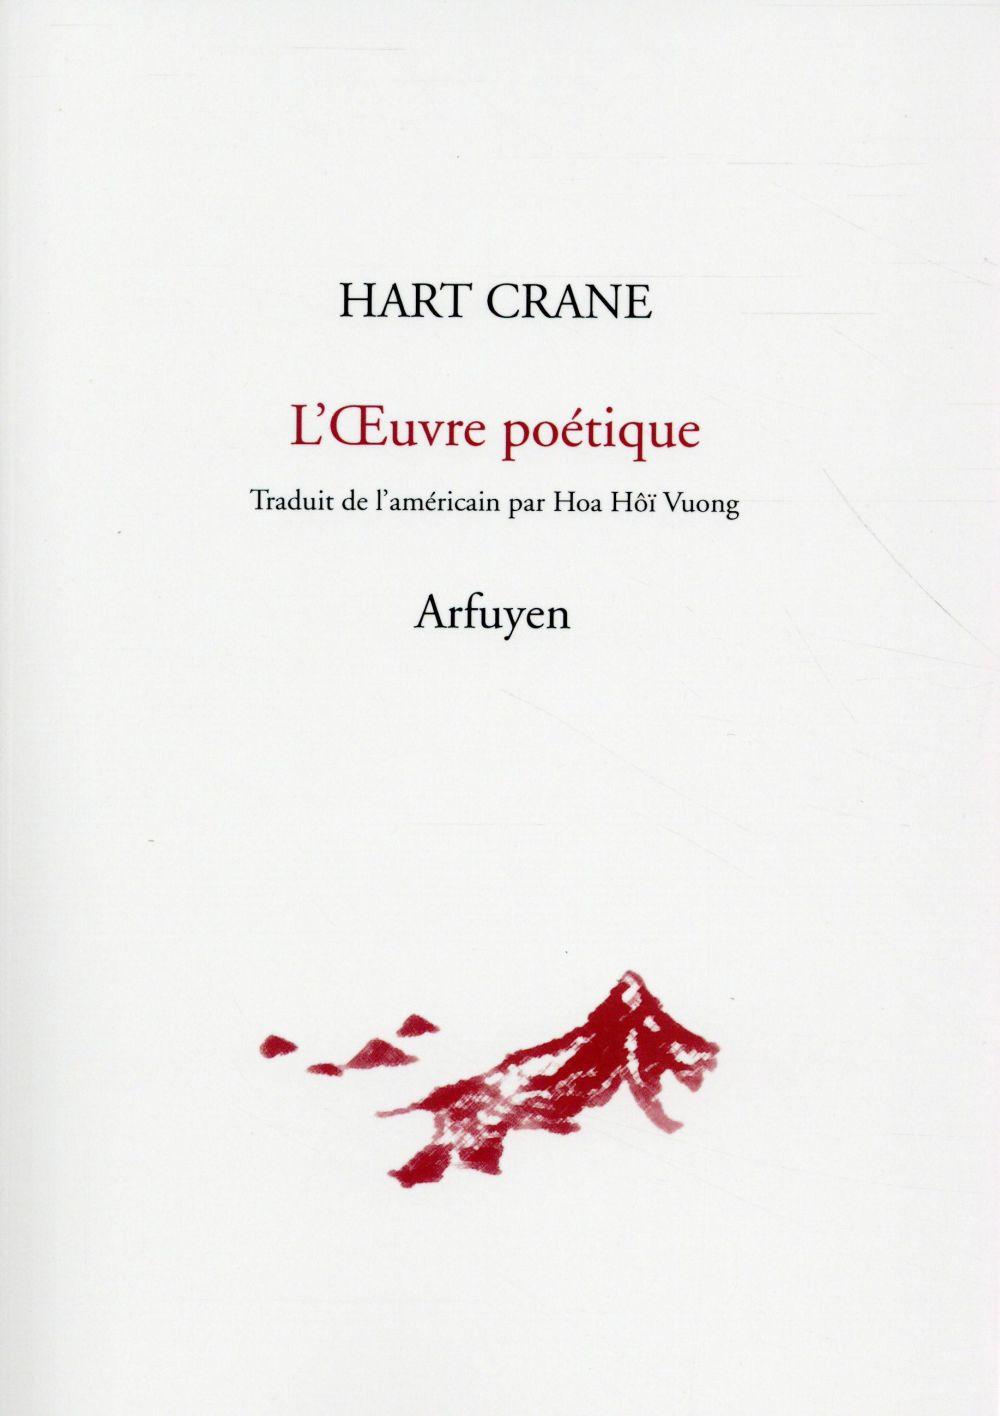 Hart crane ; l'oeuvre poétique